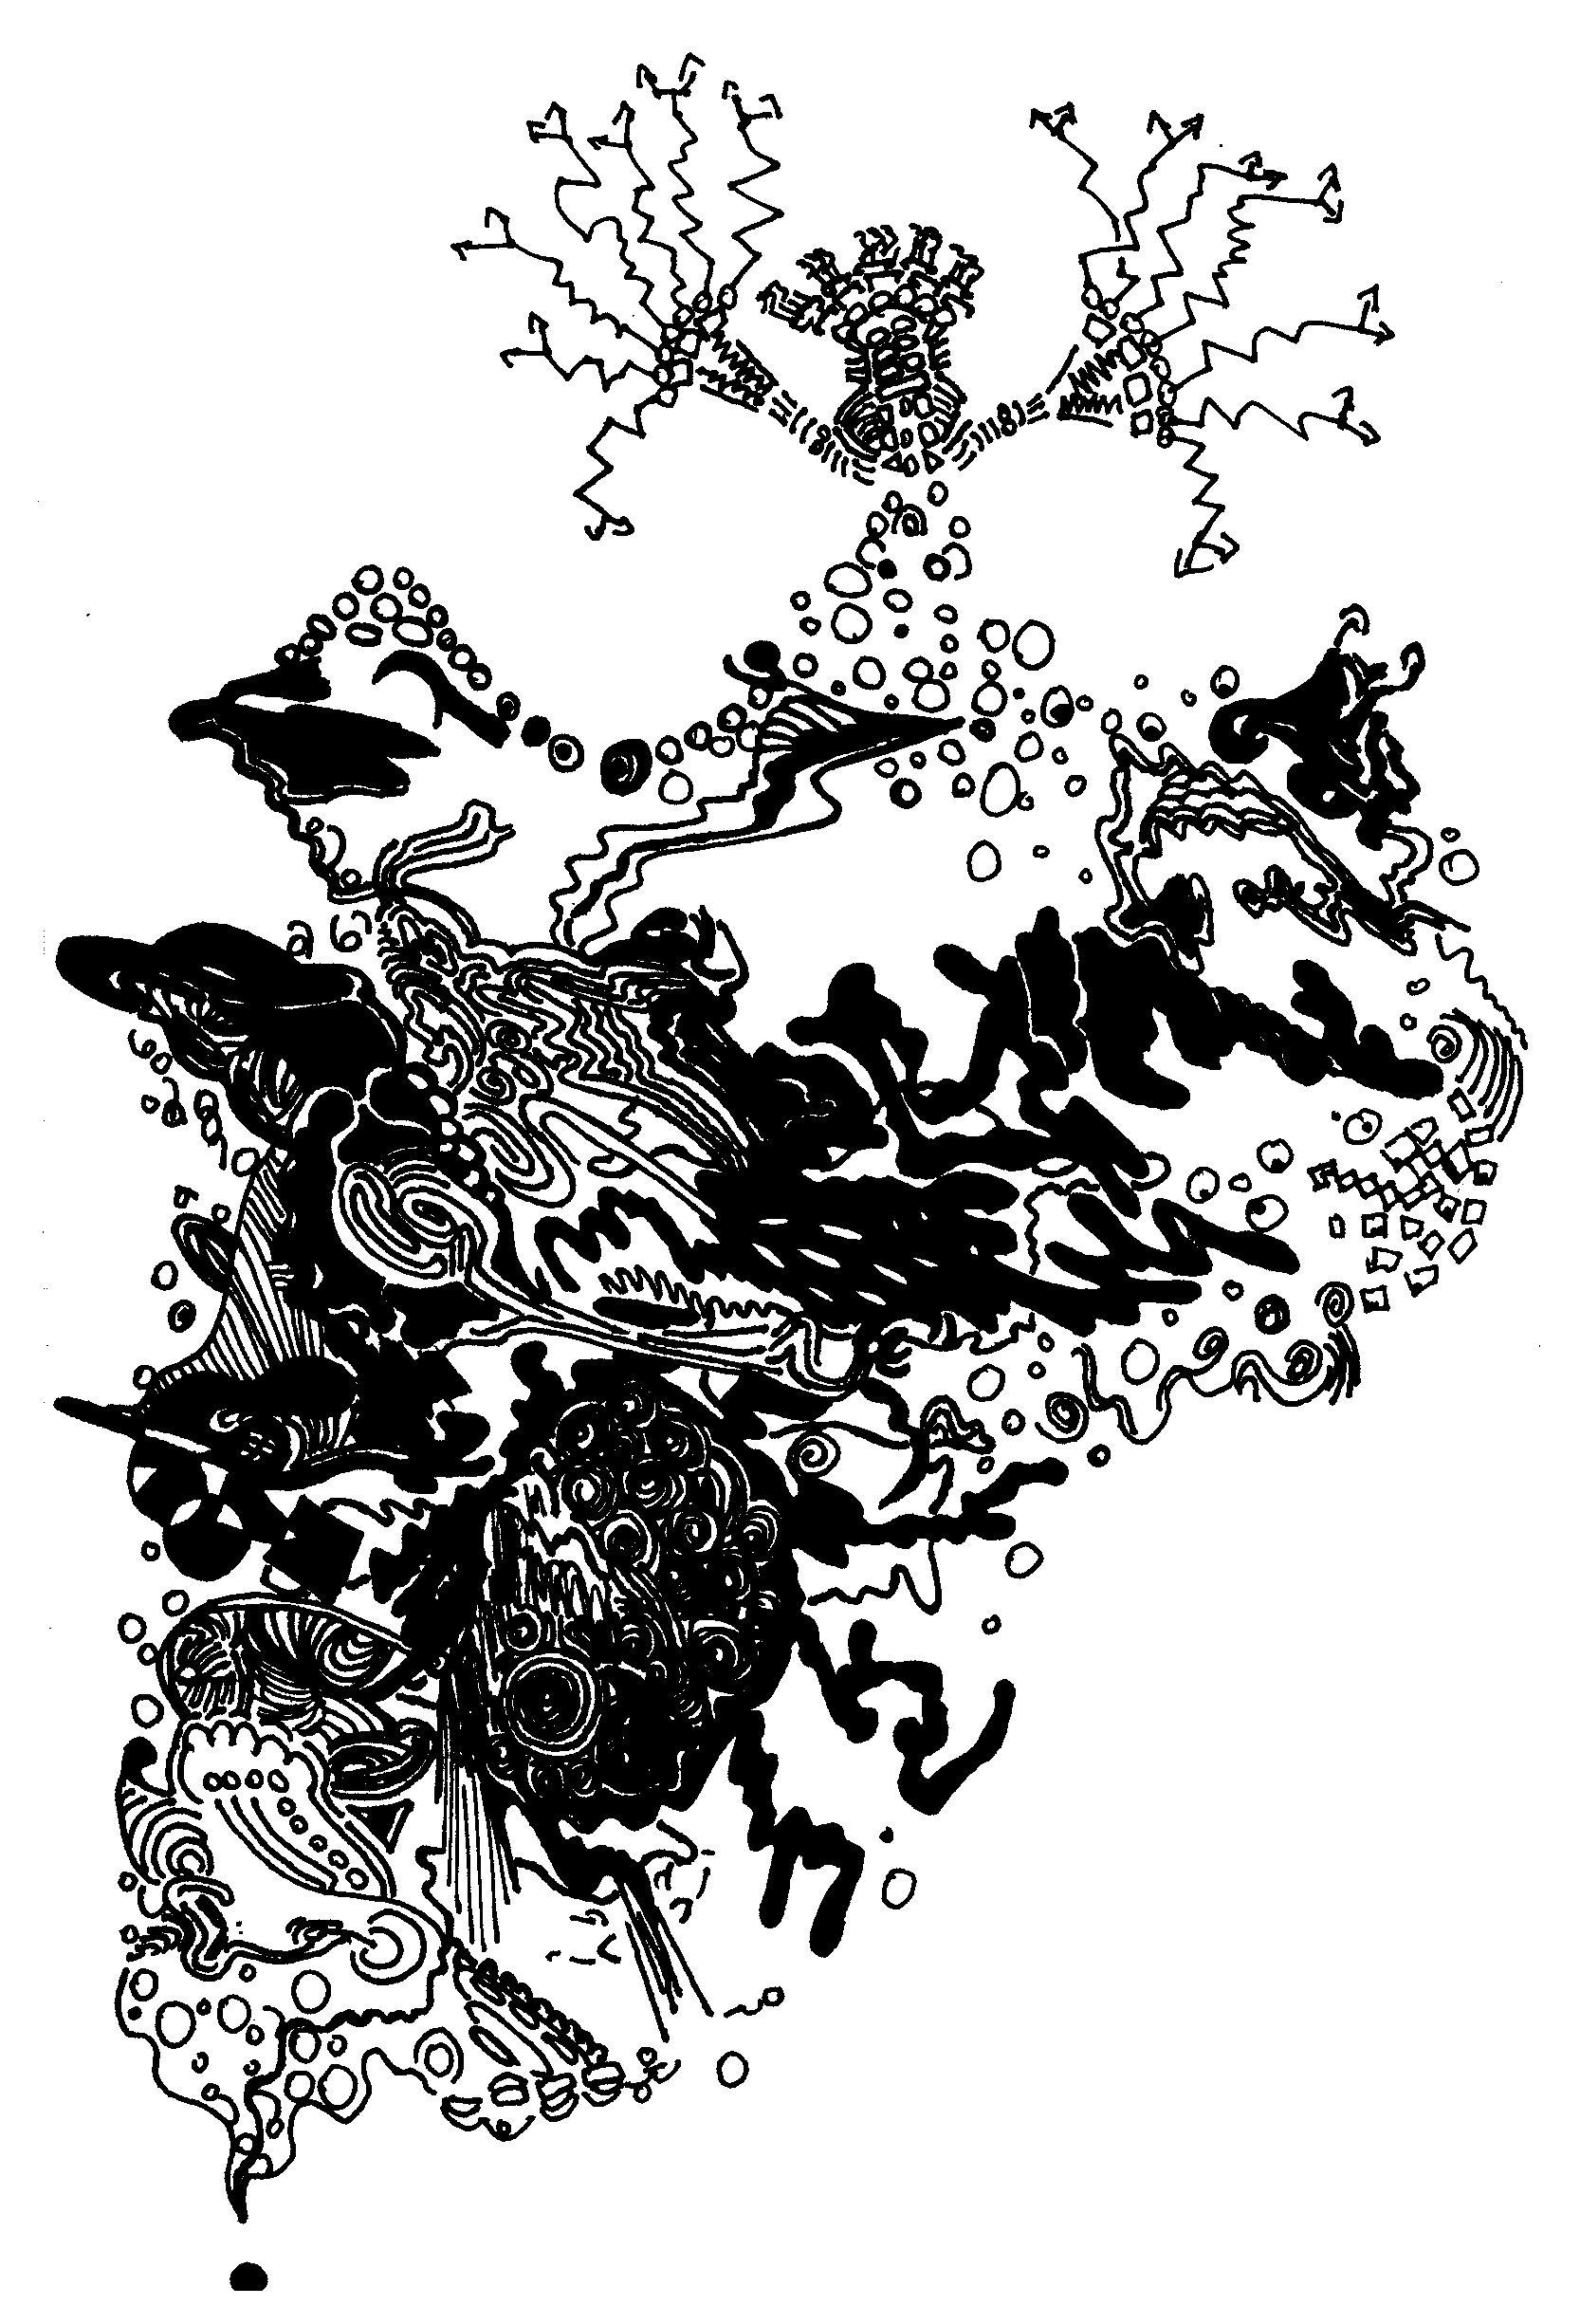 Dessin le magicien the wizzard by tyldur on deviantart - Magicien dessin ...